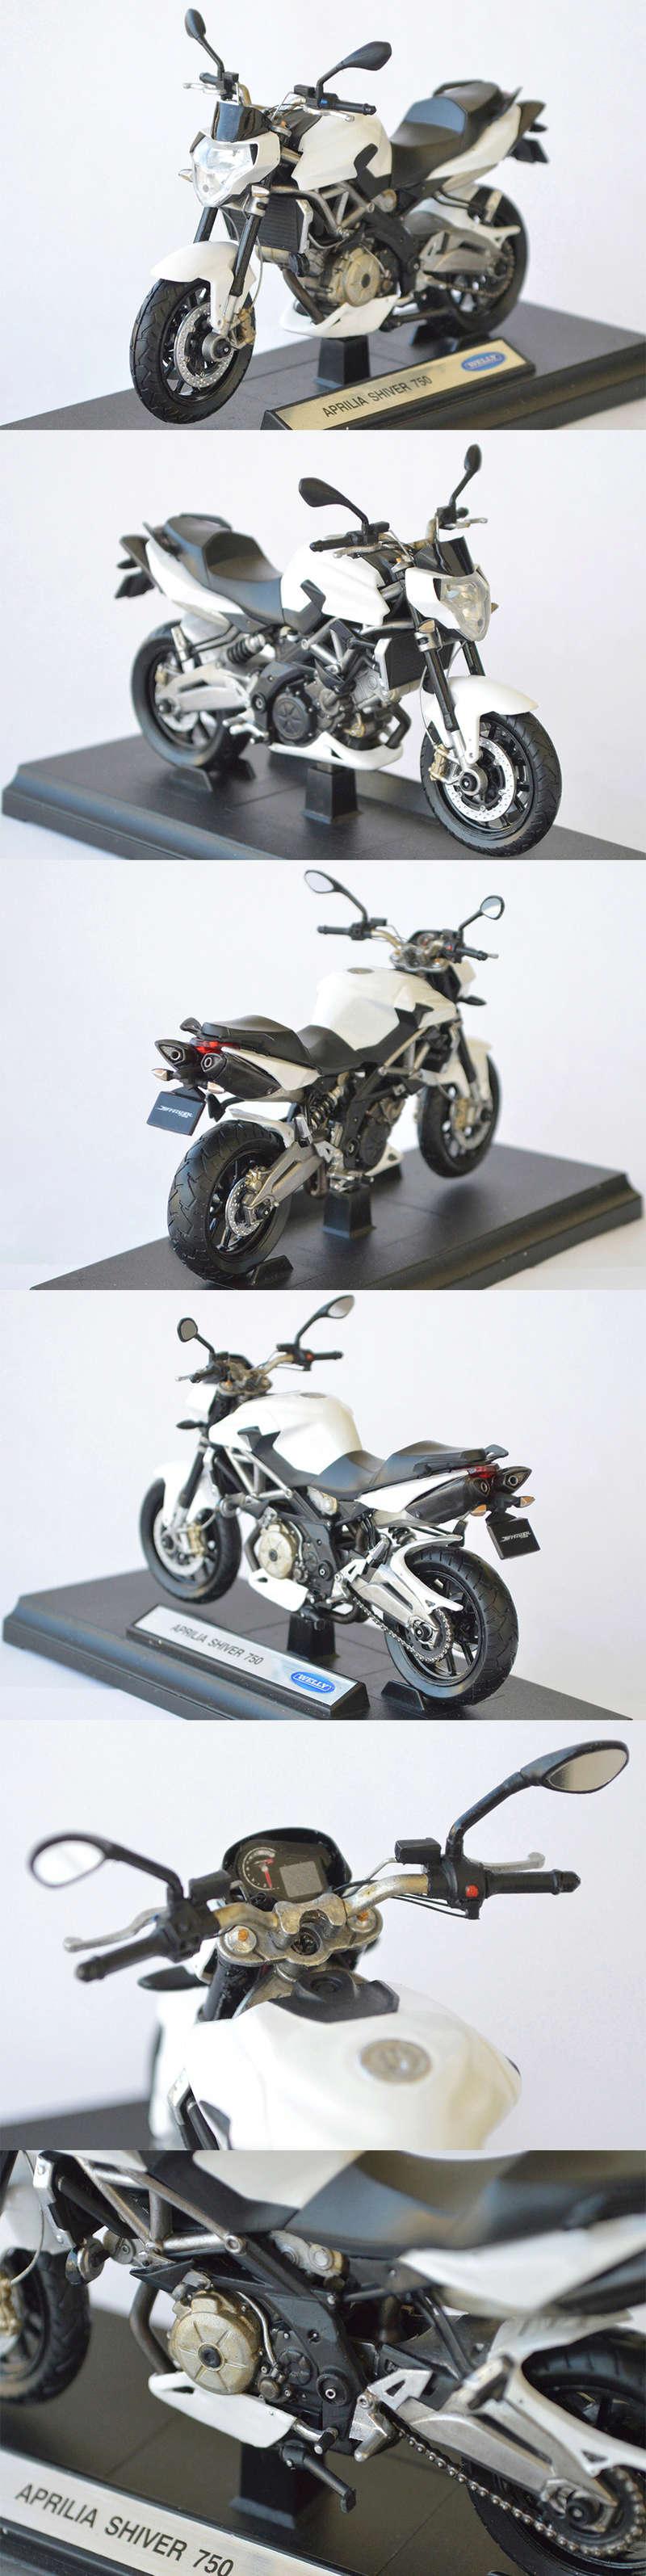 [Moto] Conversion et kit de maquette - Page 2 Aprili10